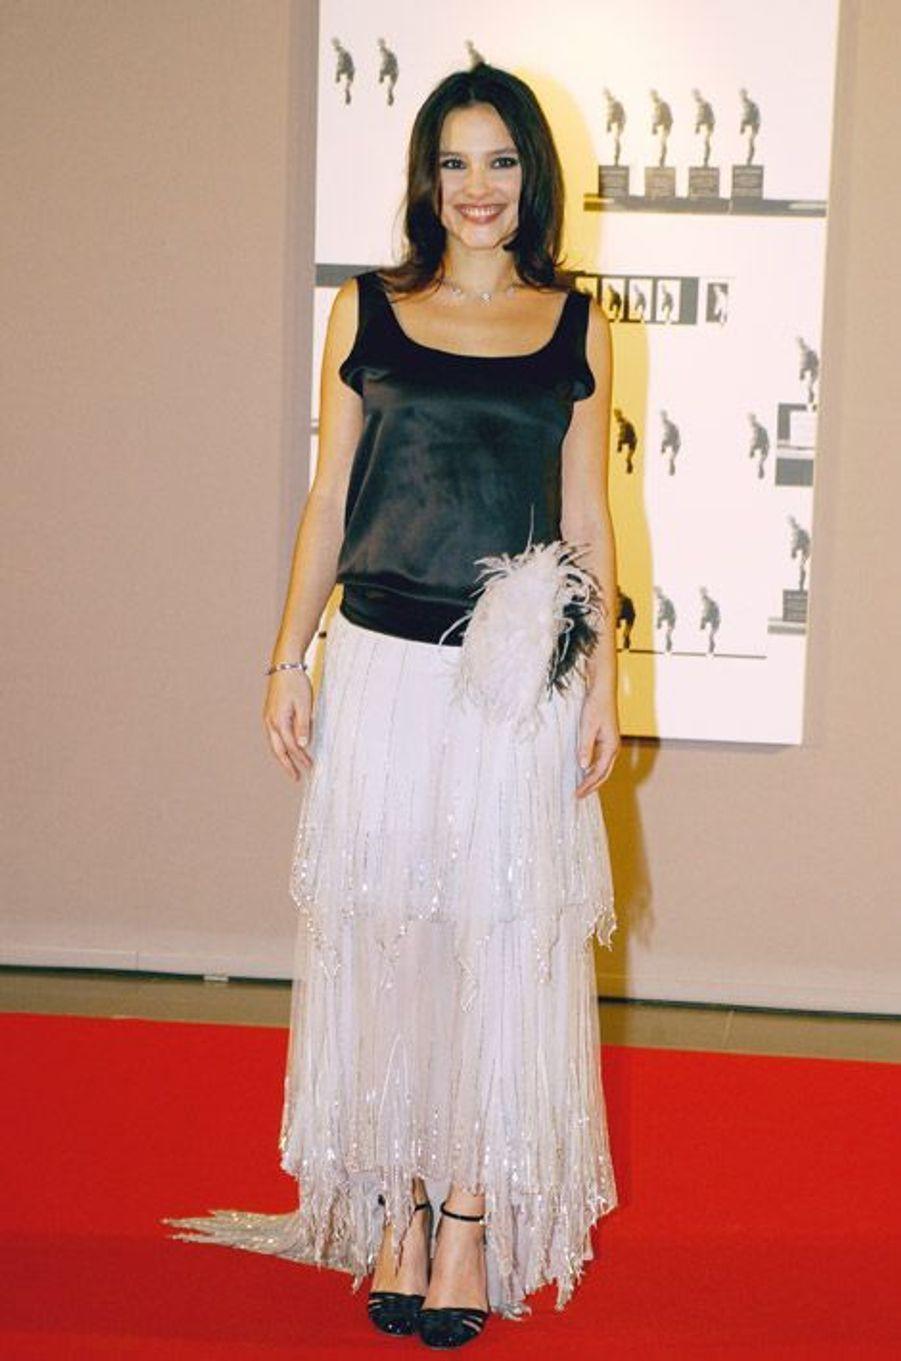 Rétro dans sa robe années folles pour une soirée à Monaco, le 18 décembre 2004